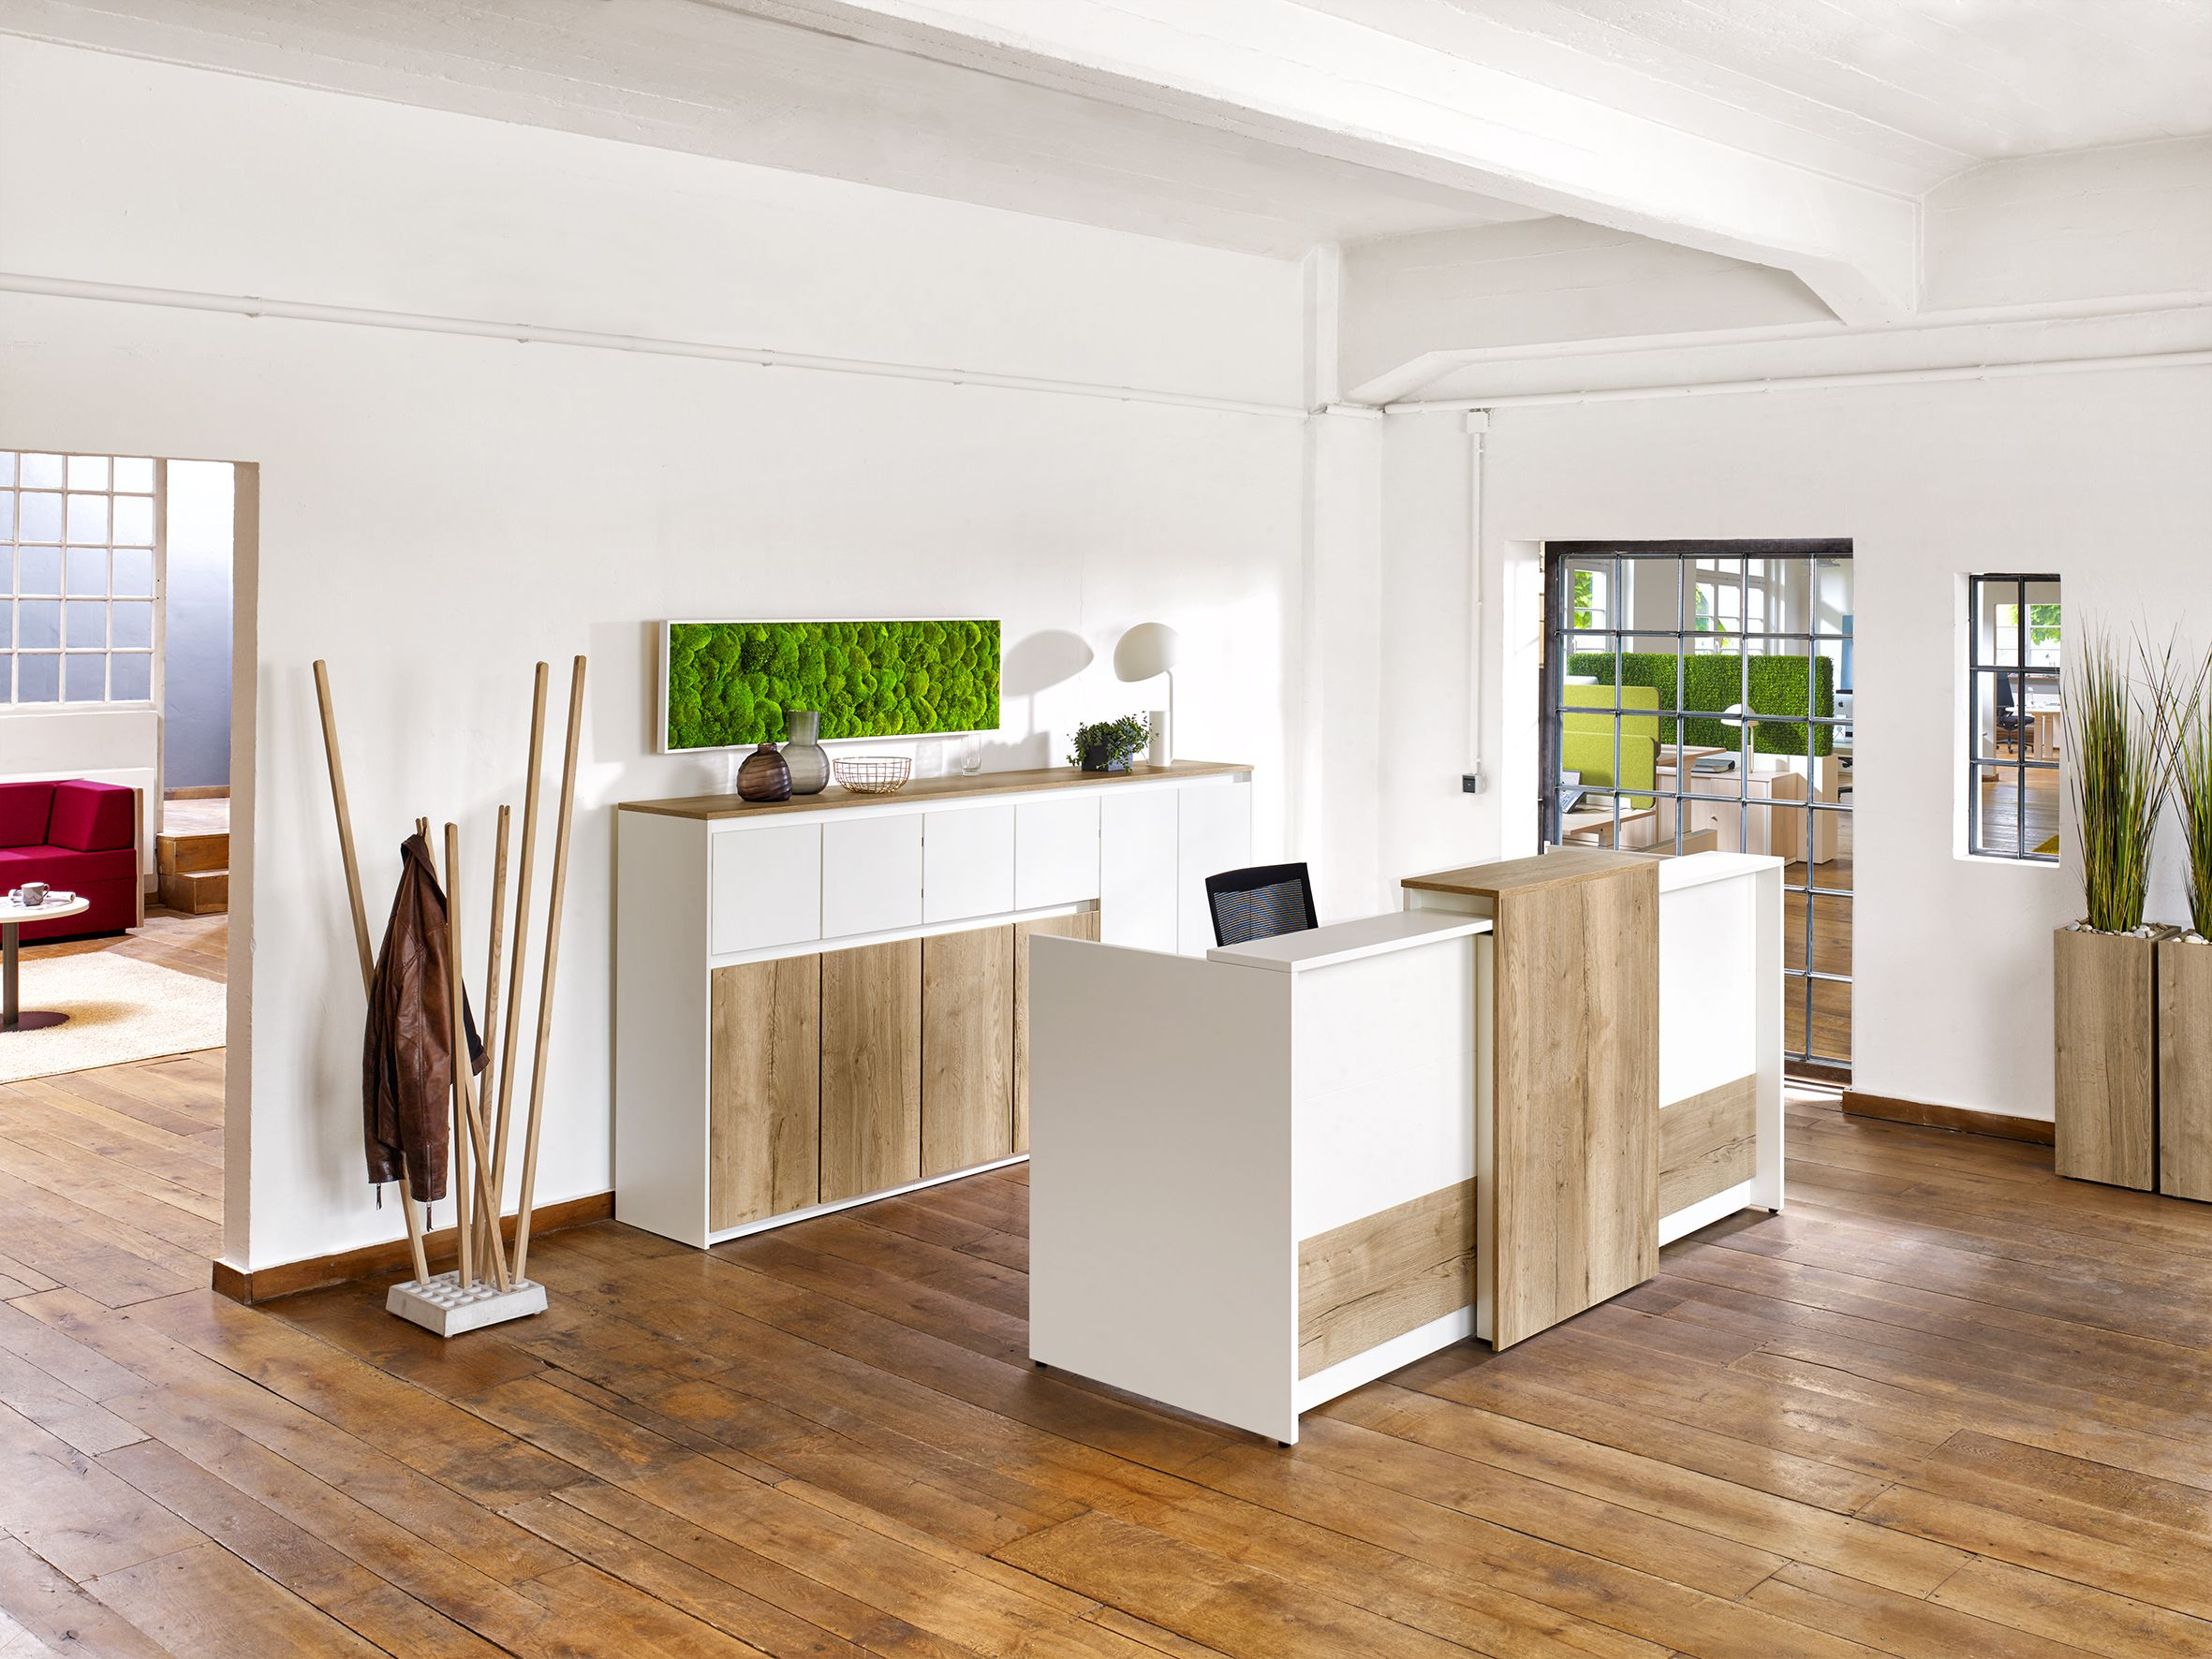 Schrank Purline Von Febrü U2013 Modernes Design, Grifflose Ästhetik. Der Weiße  Schrank Mit Holzoptik